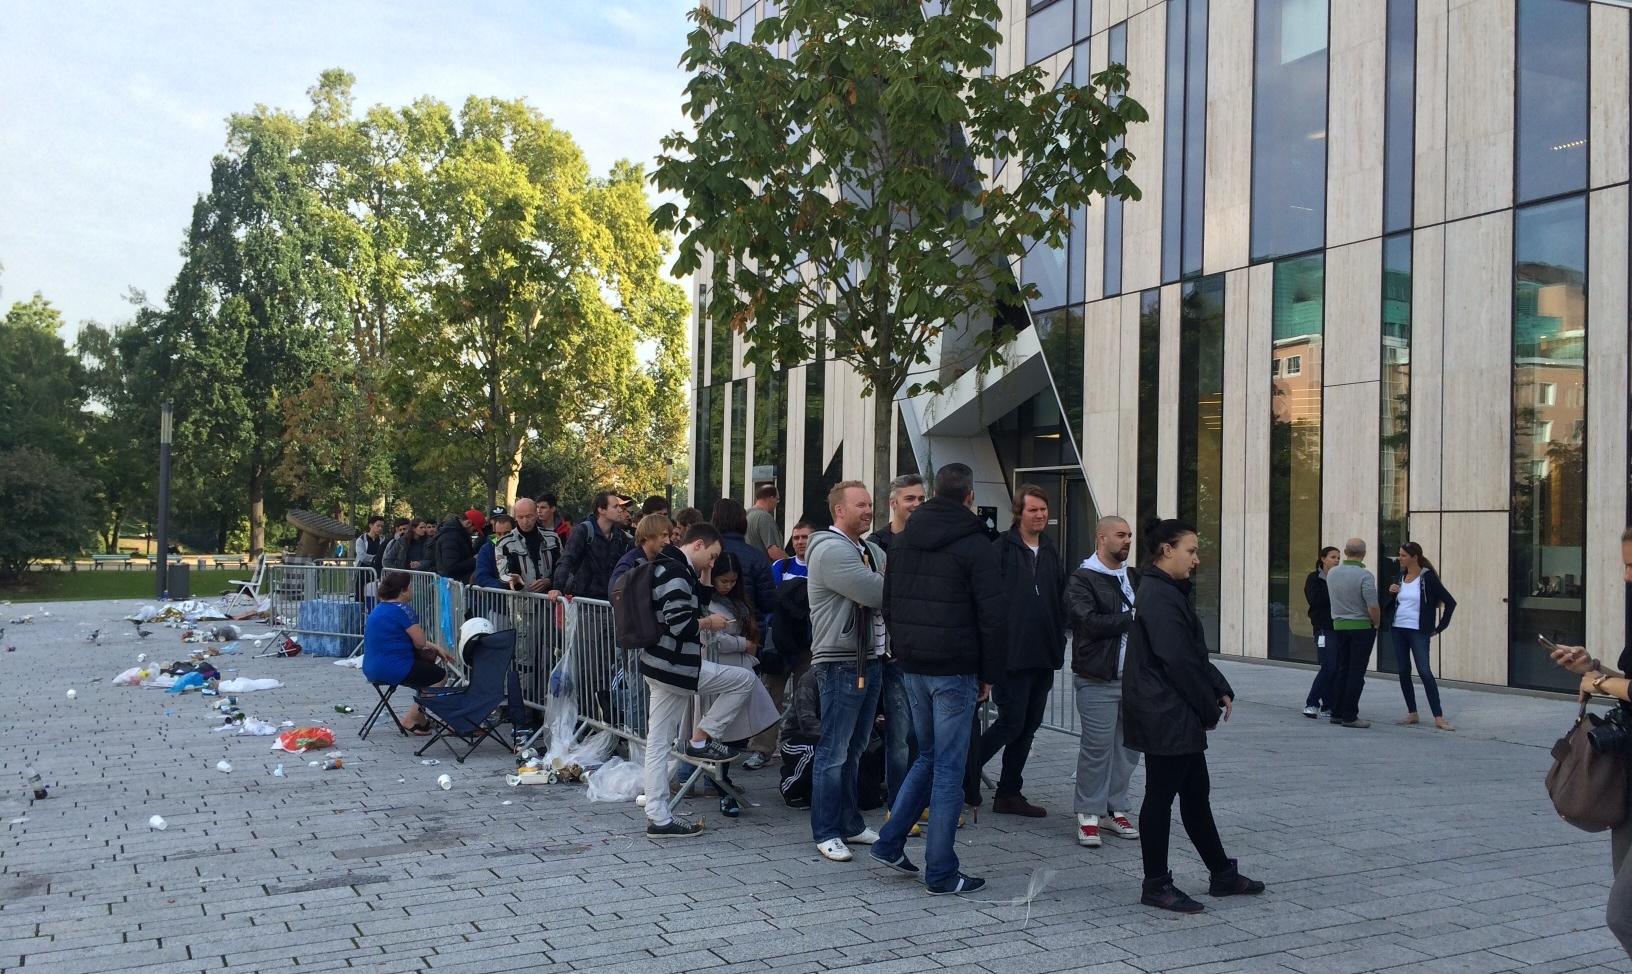 Dusseldorf wachtrij buiten 10.00 uur